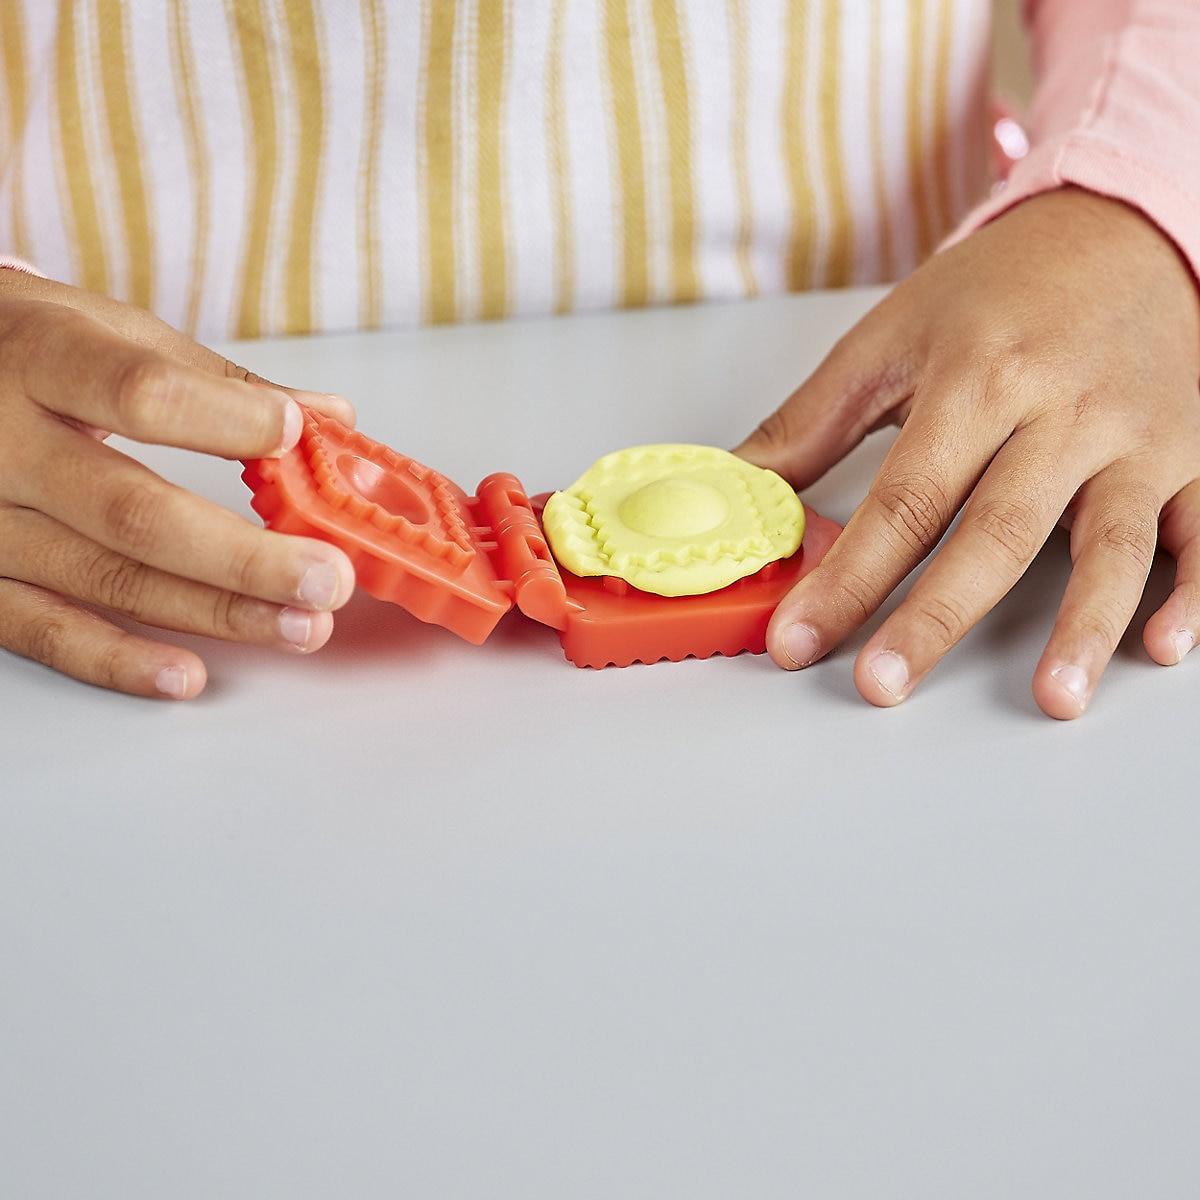 Pâte à modeler play-doh/Slime 5099880 pâte à modeler de bureau à la main gomme sculpter enfants fille garçon filles garçons pour enfants play-doh MTpromo - 6